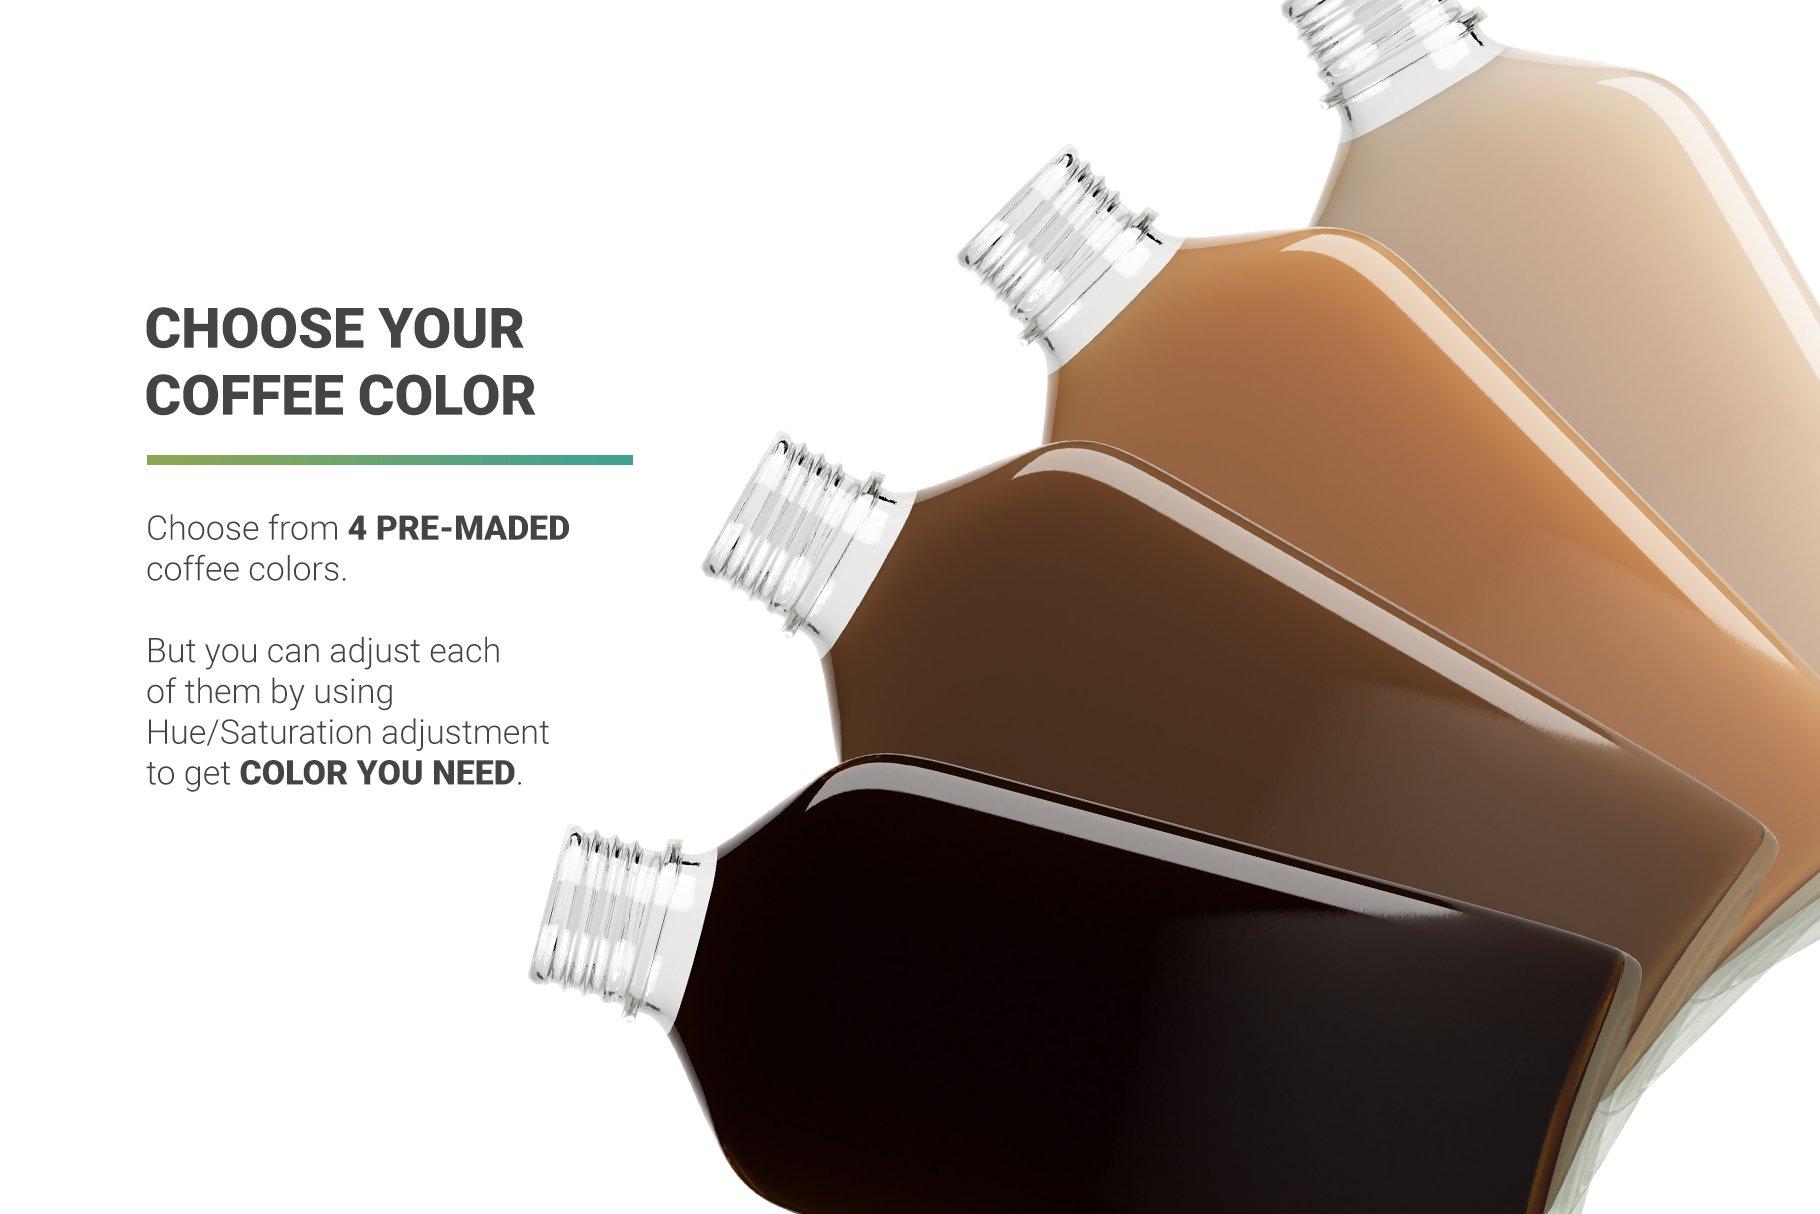 高品质冷冲咖啡包装瓶标签设计贴图样机 Coffee Bottle Mockup插图4